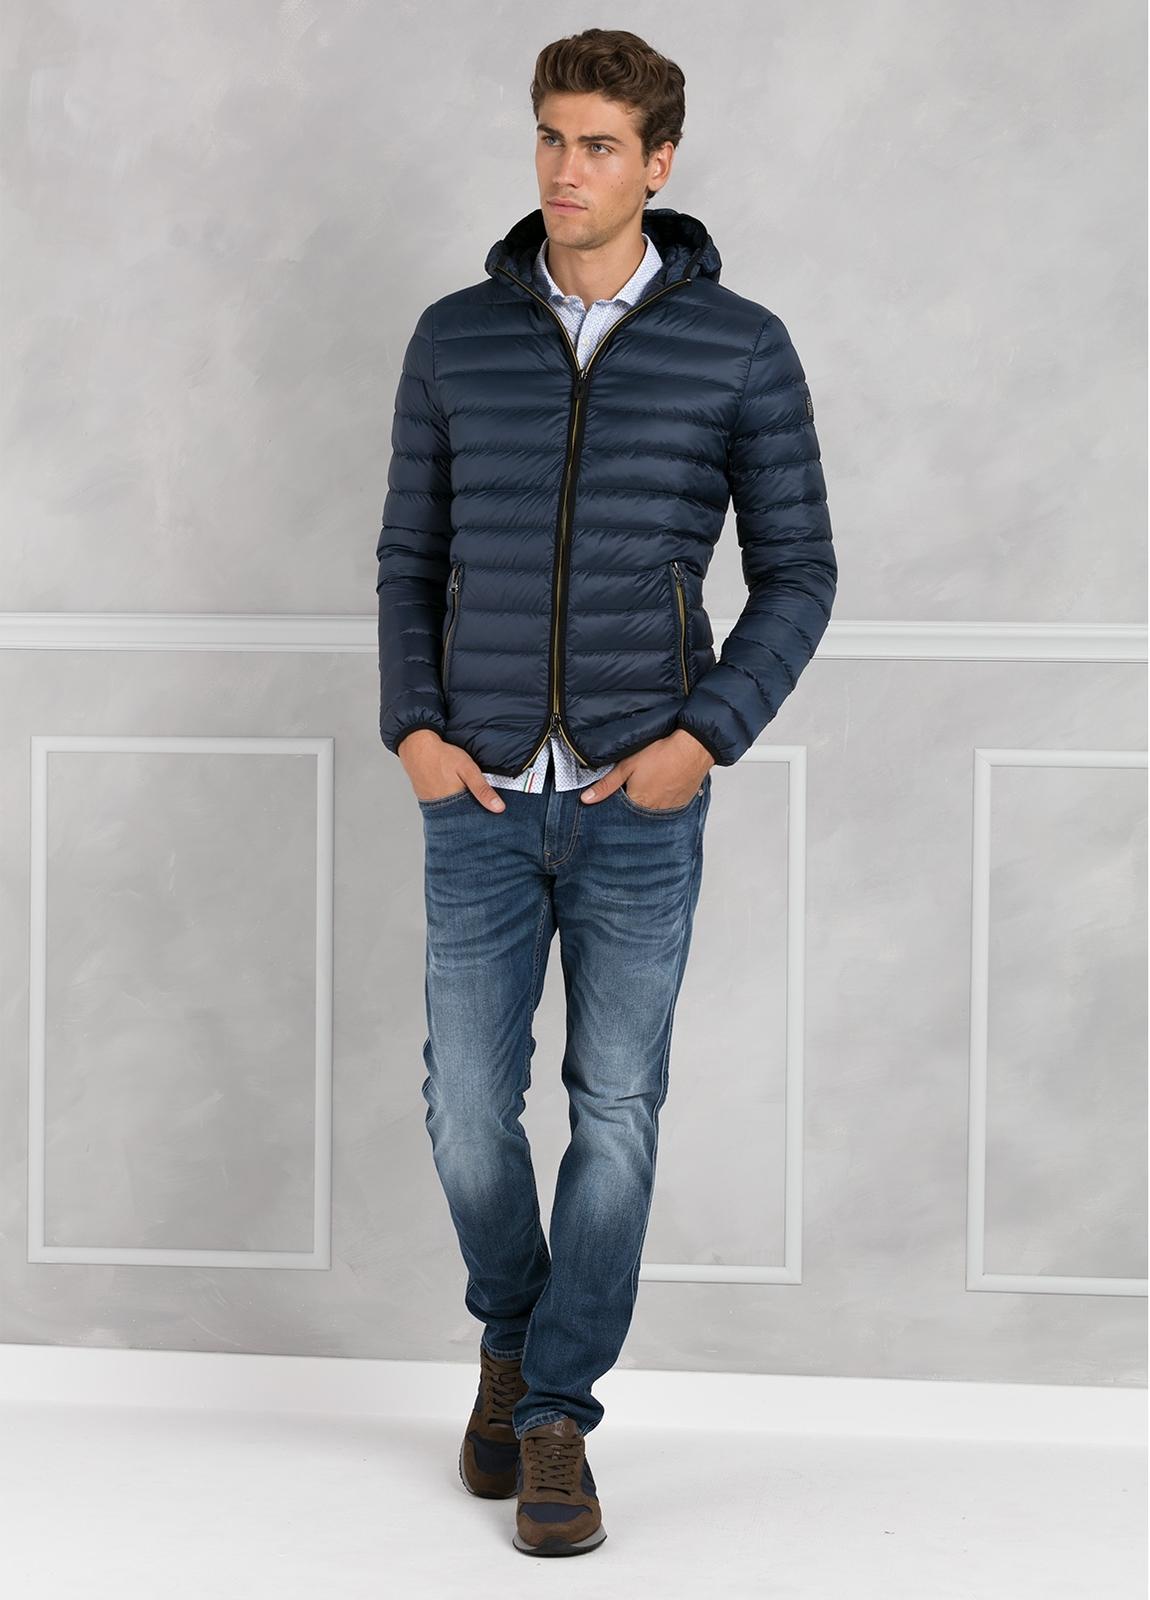 Chaqueta con capucha modelo ZEFIRO color azul marino, tejido técnico.